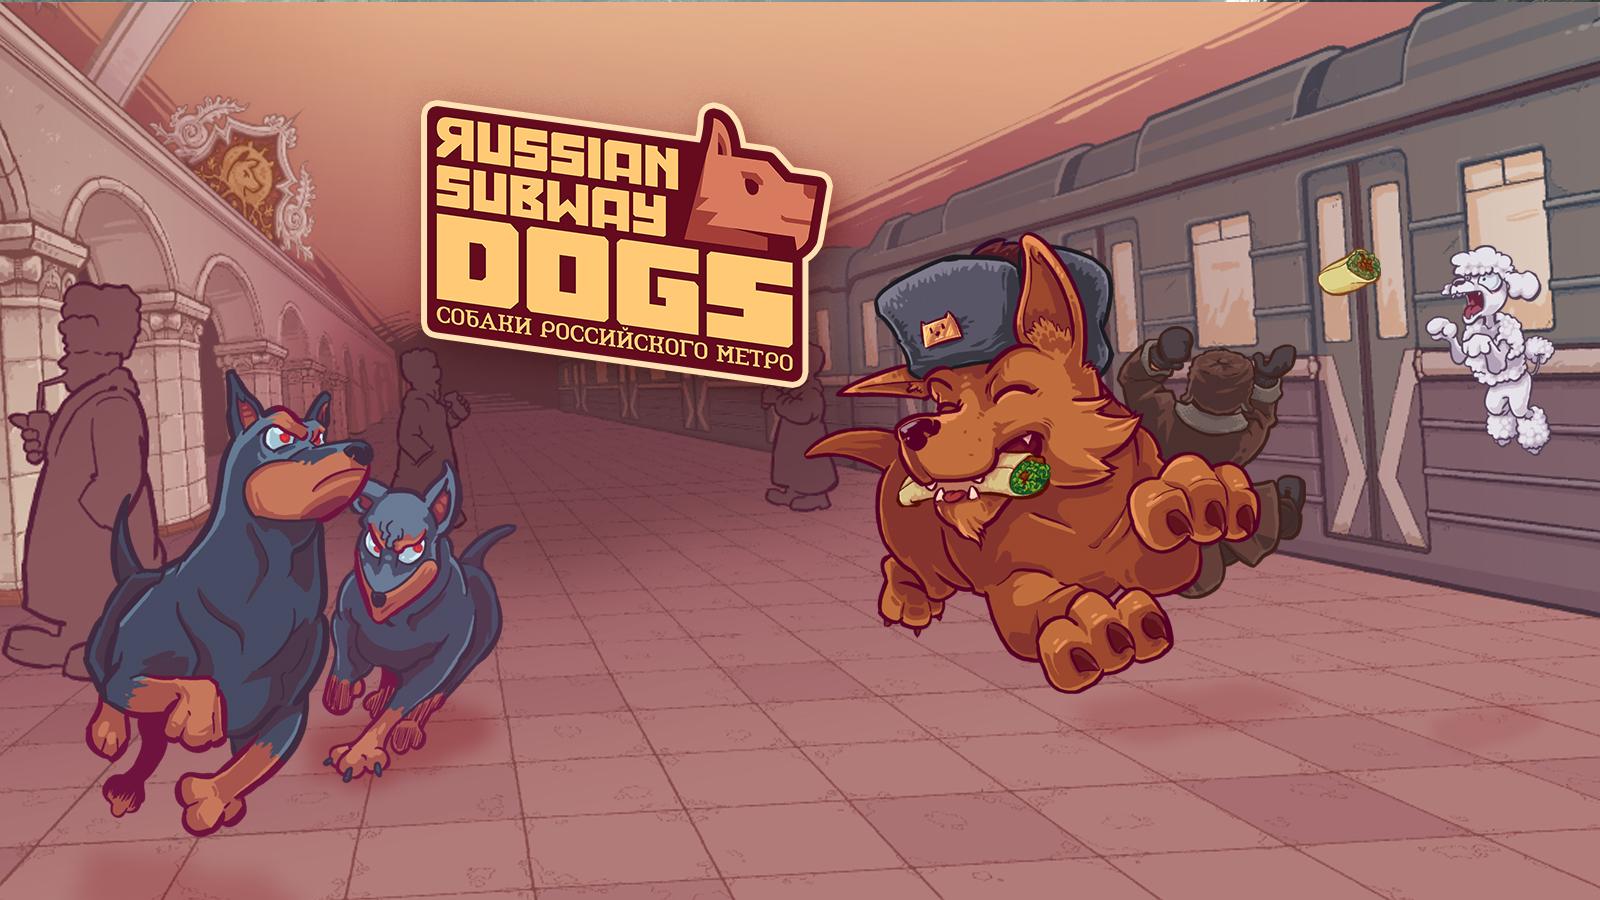 Russian Subway Dog